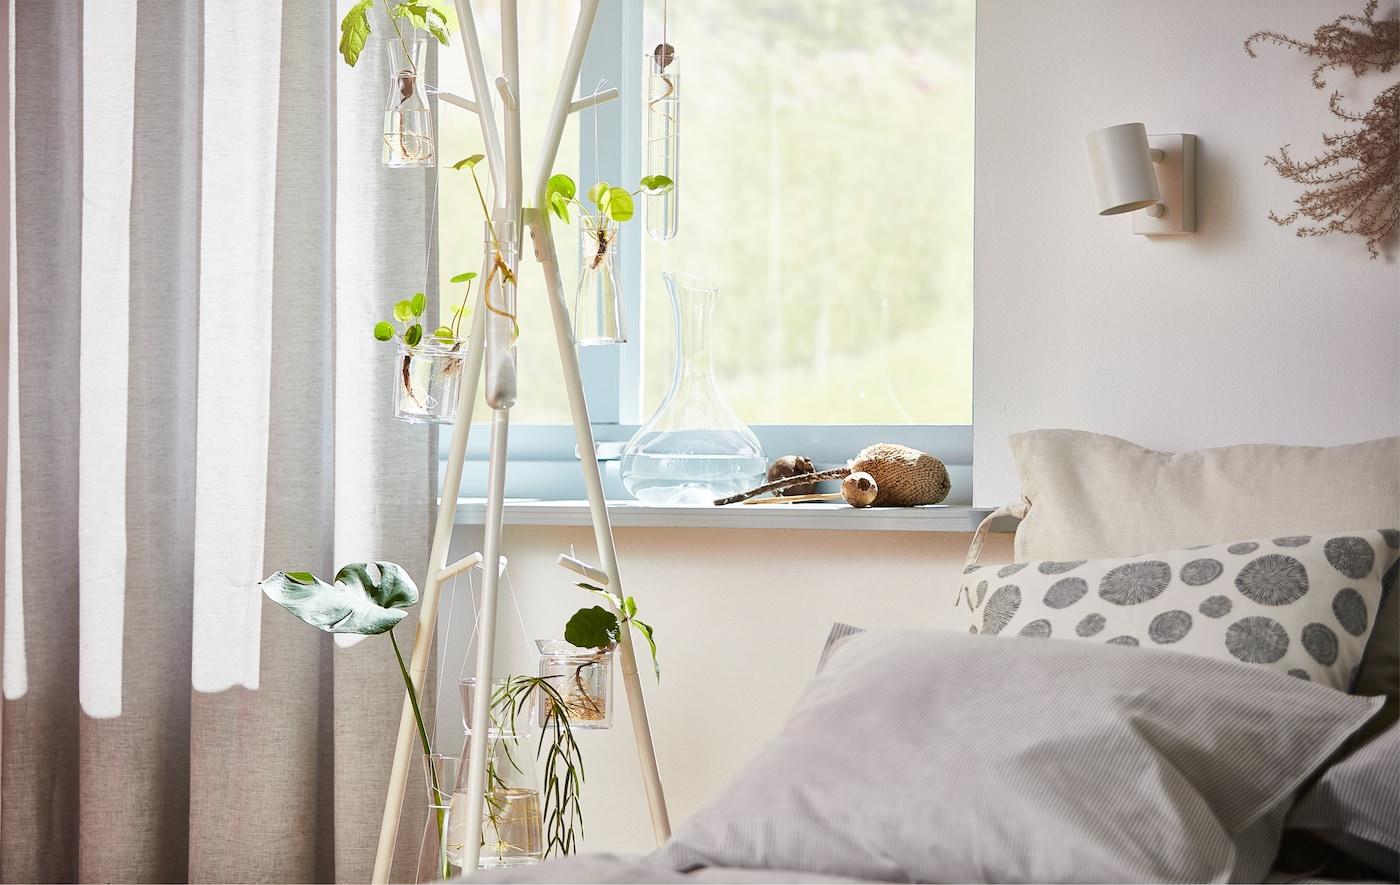 Un attaccapanni EKRAR bianco decorato con piantine e germogli - IKEA